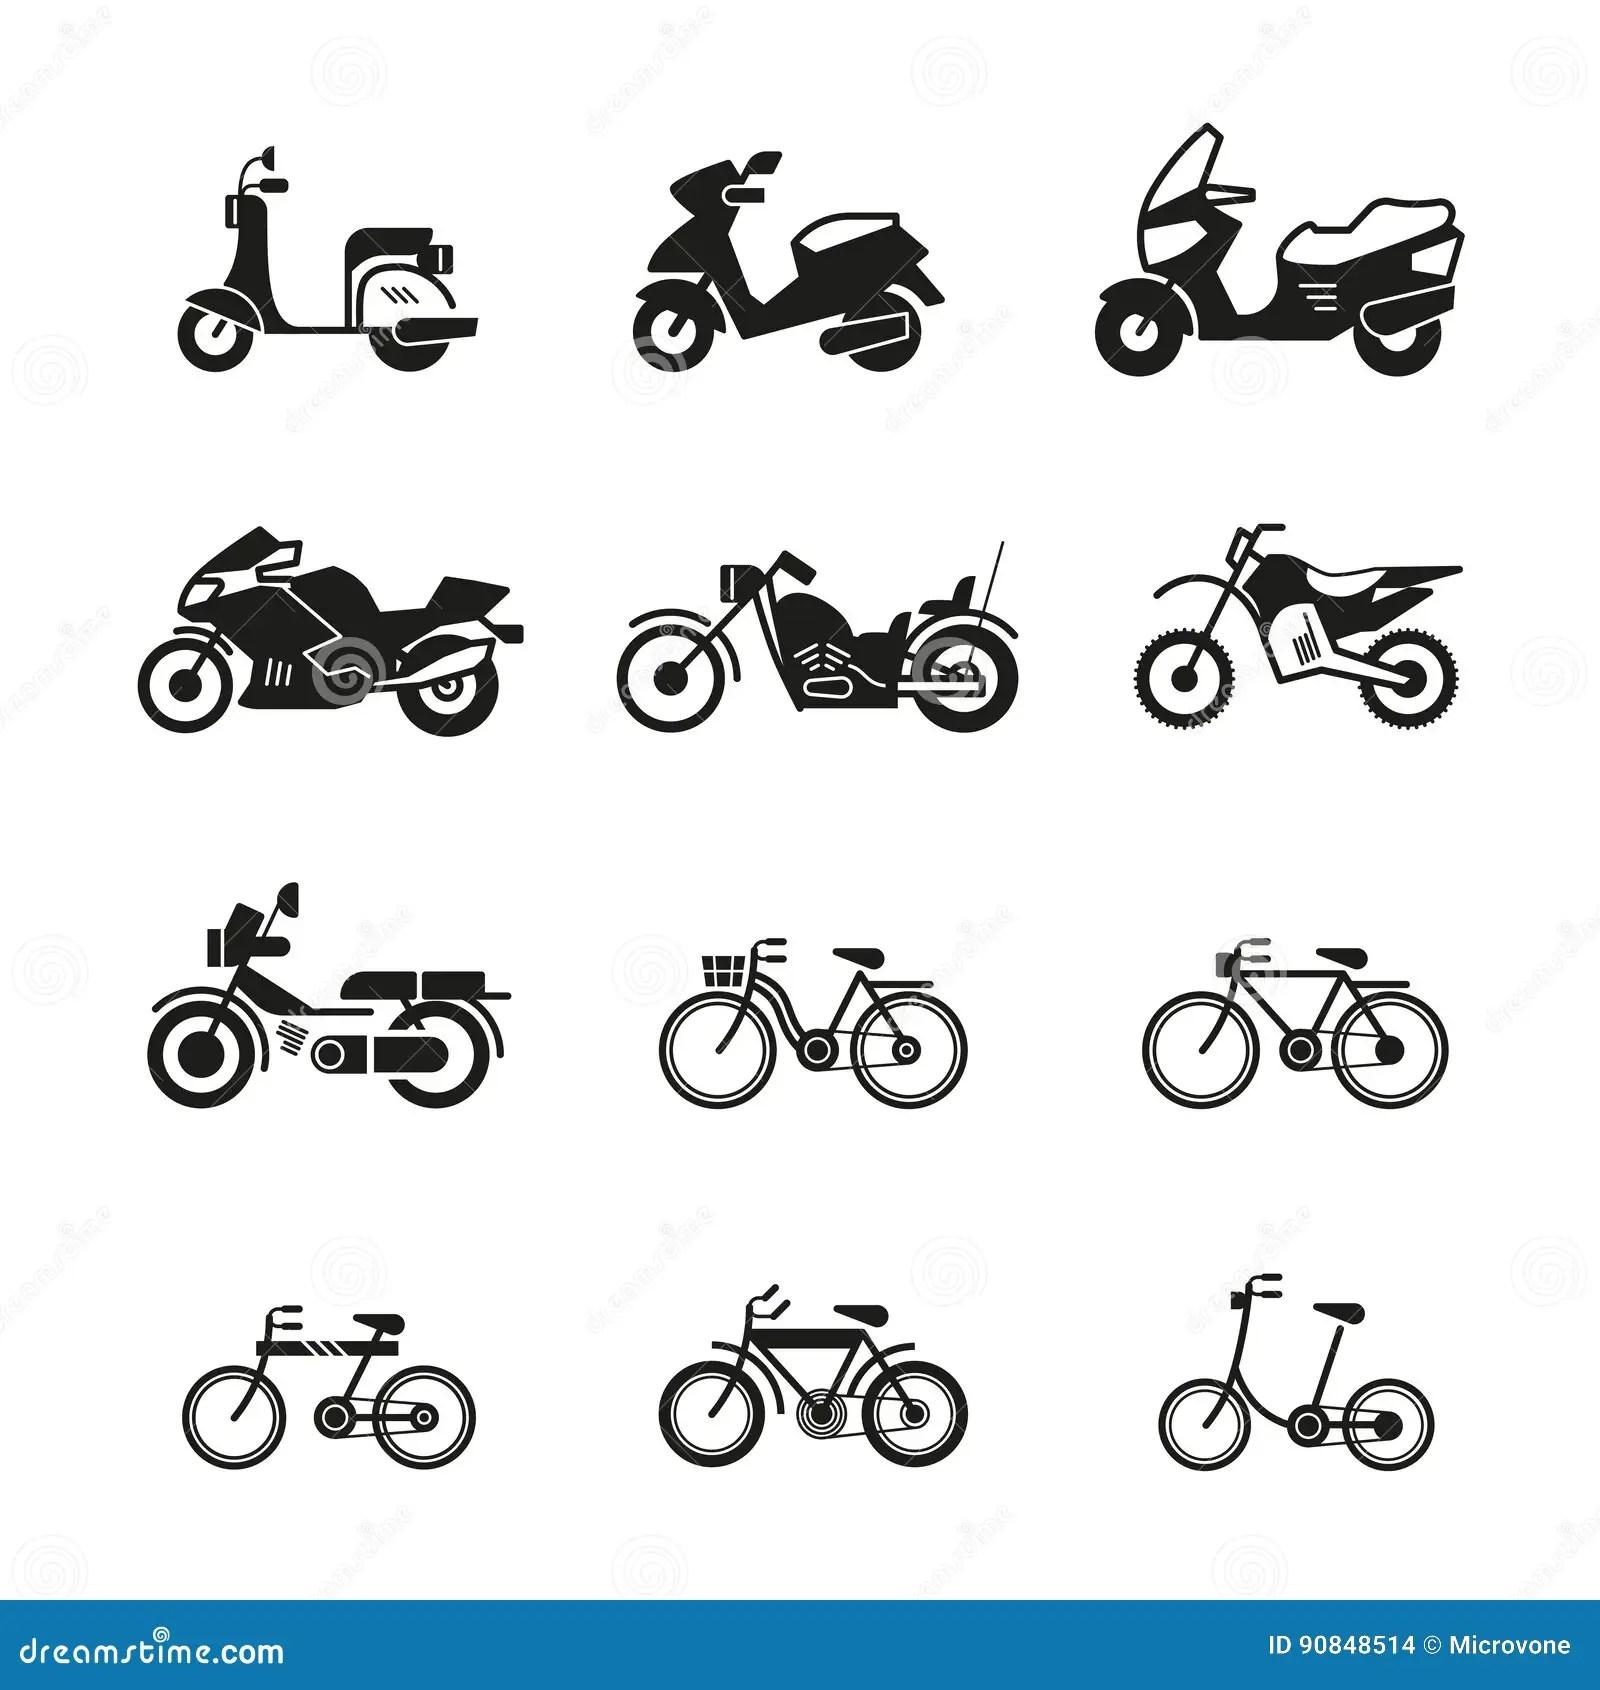 Bsa Chopper Motorcycles